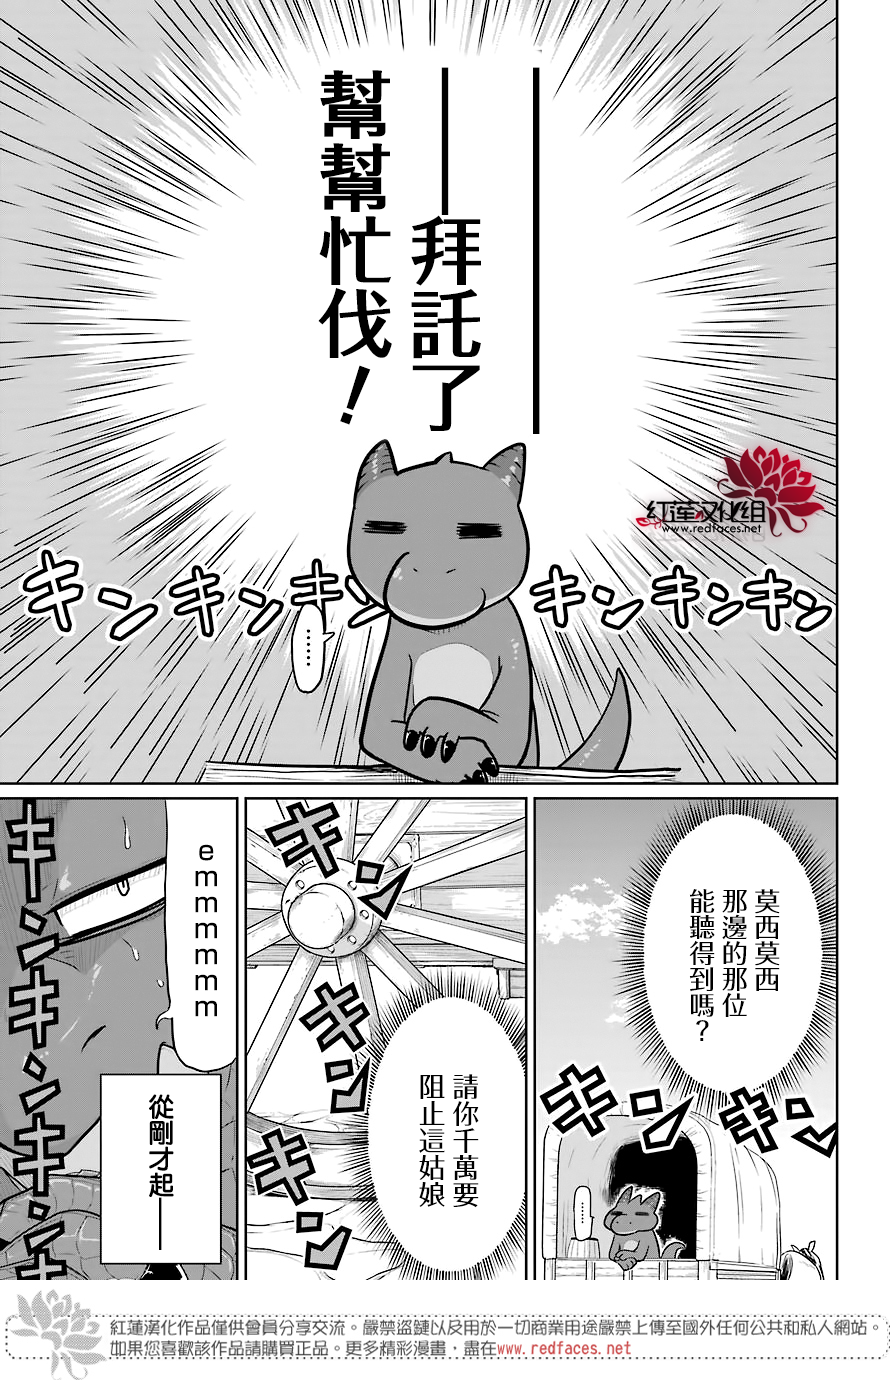 【红莲汉化】吾乃食草龙第07话|作者:�\本